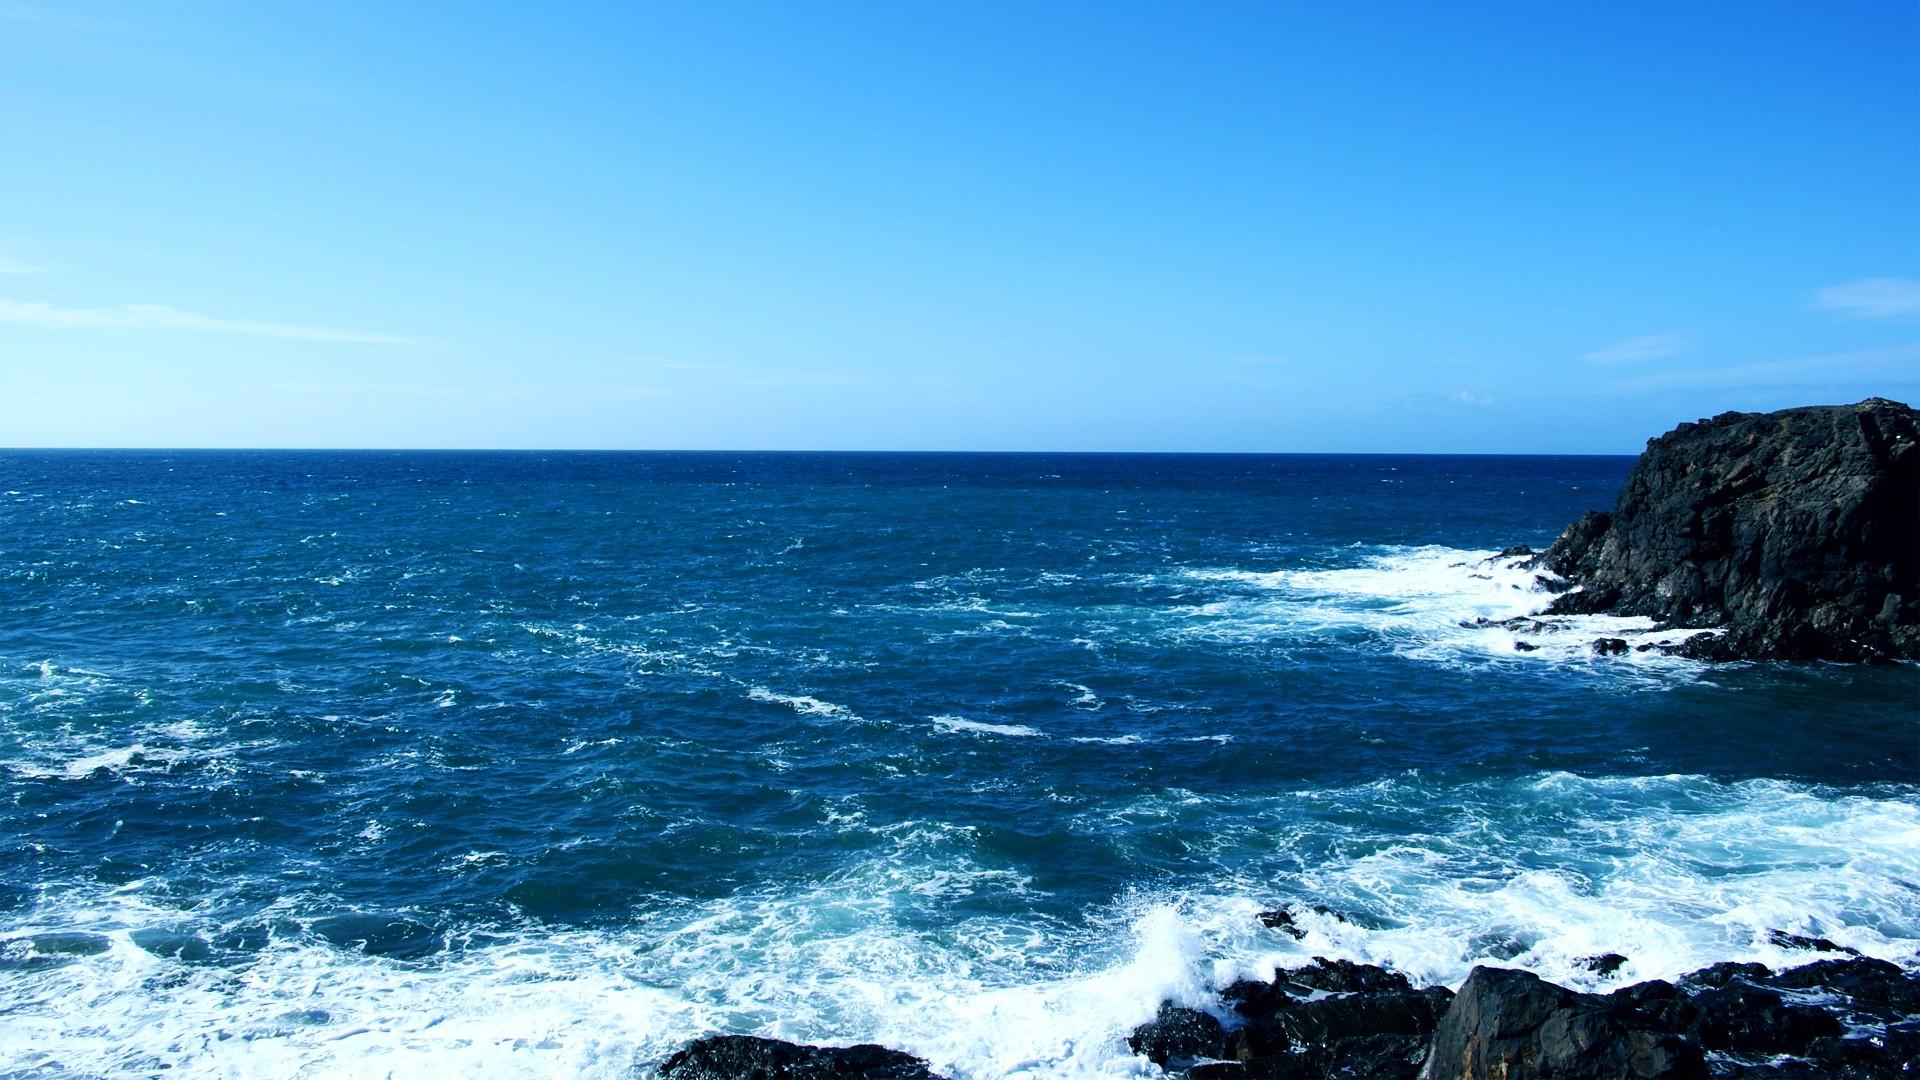 картинки море в большом формате